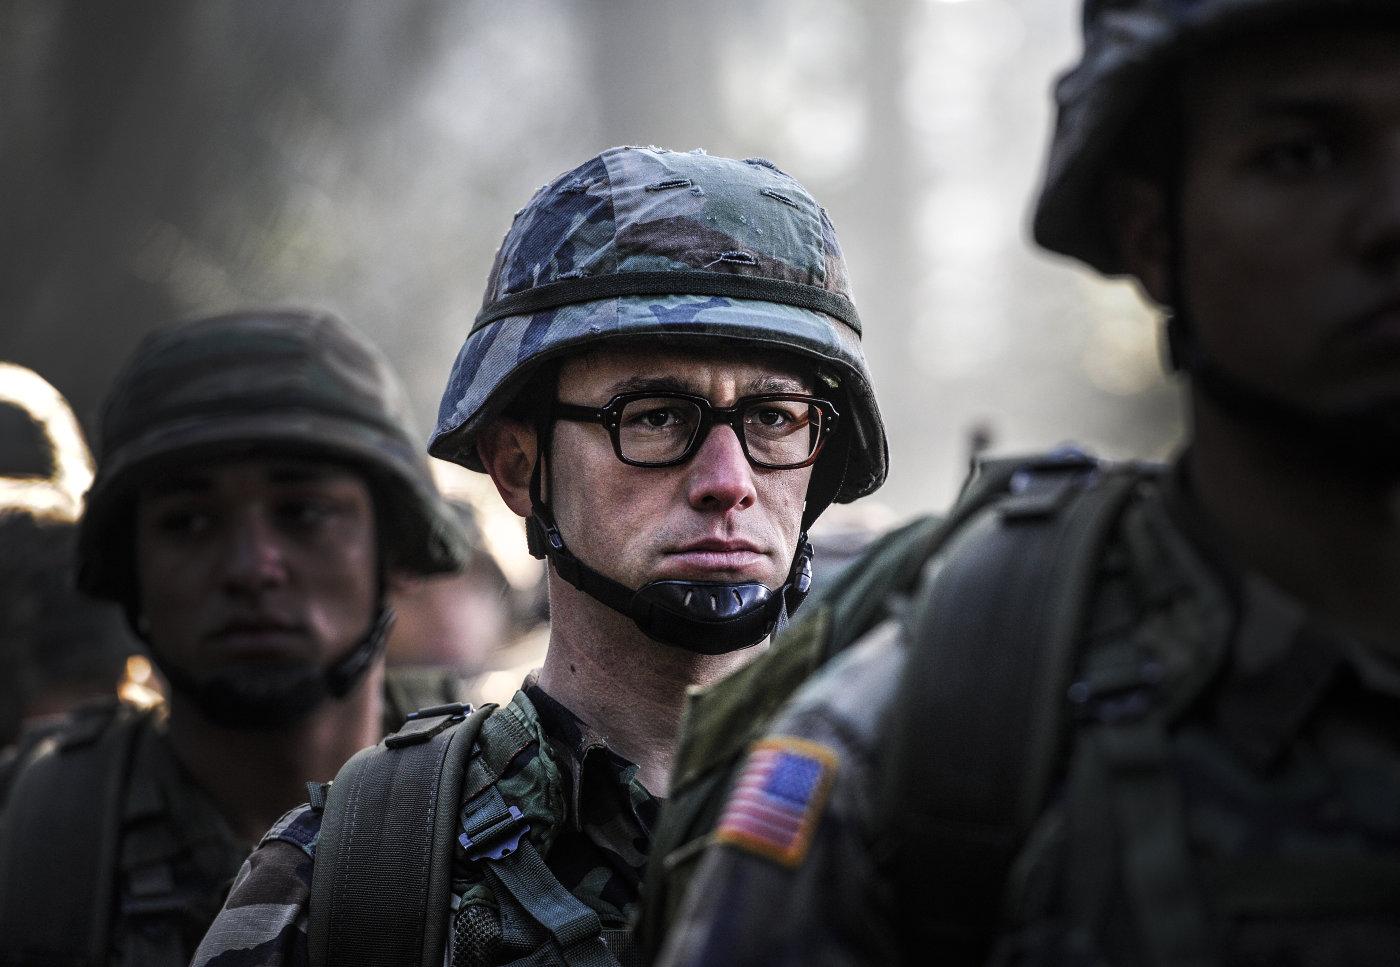 Сноуден порекомендовал заклеить камеру накомпьютере воизбежание слежки